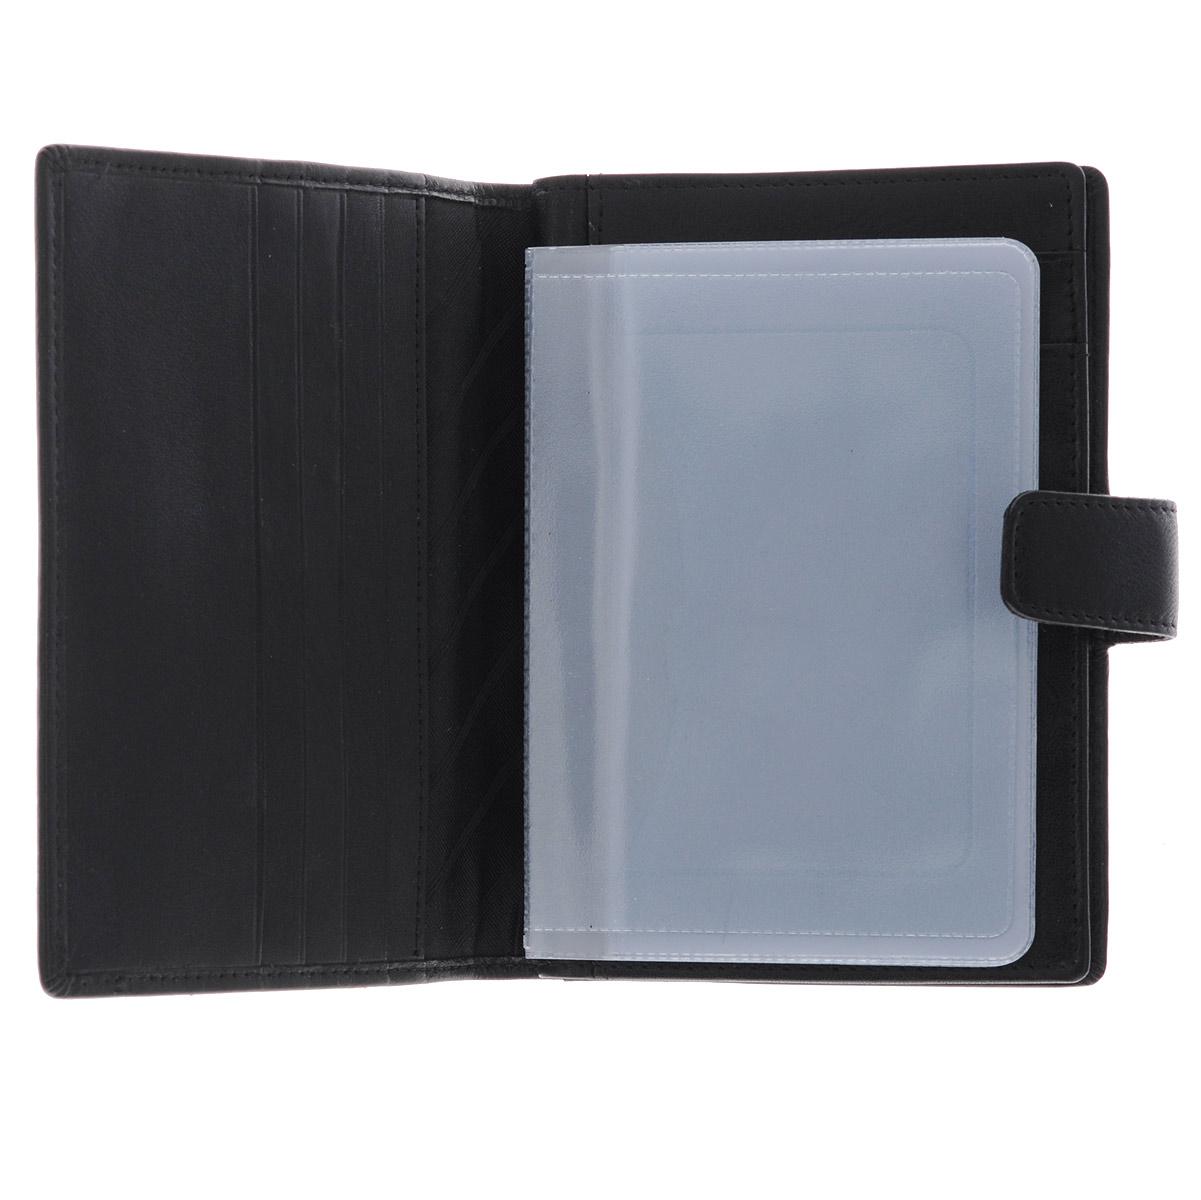 """Бумажник водителя Феодора """"Мегаполис"""", цвет: черный. Ручная роспись ( BV-AF-MGЧ )"""